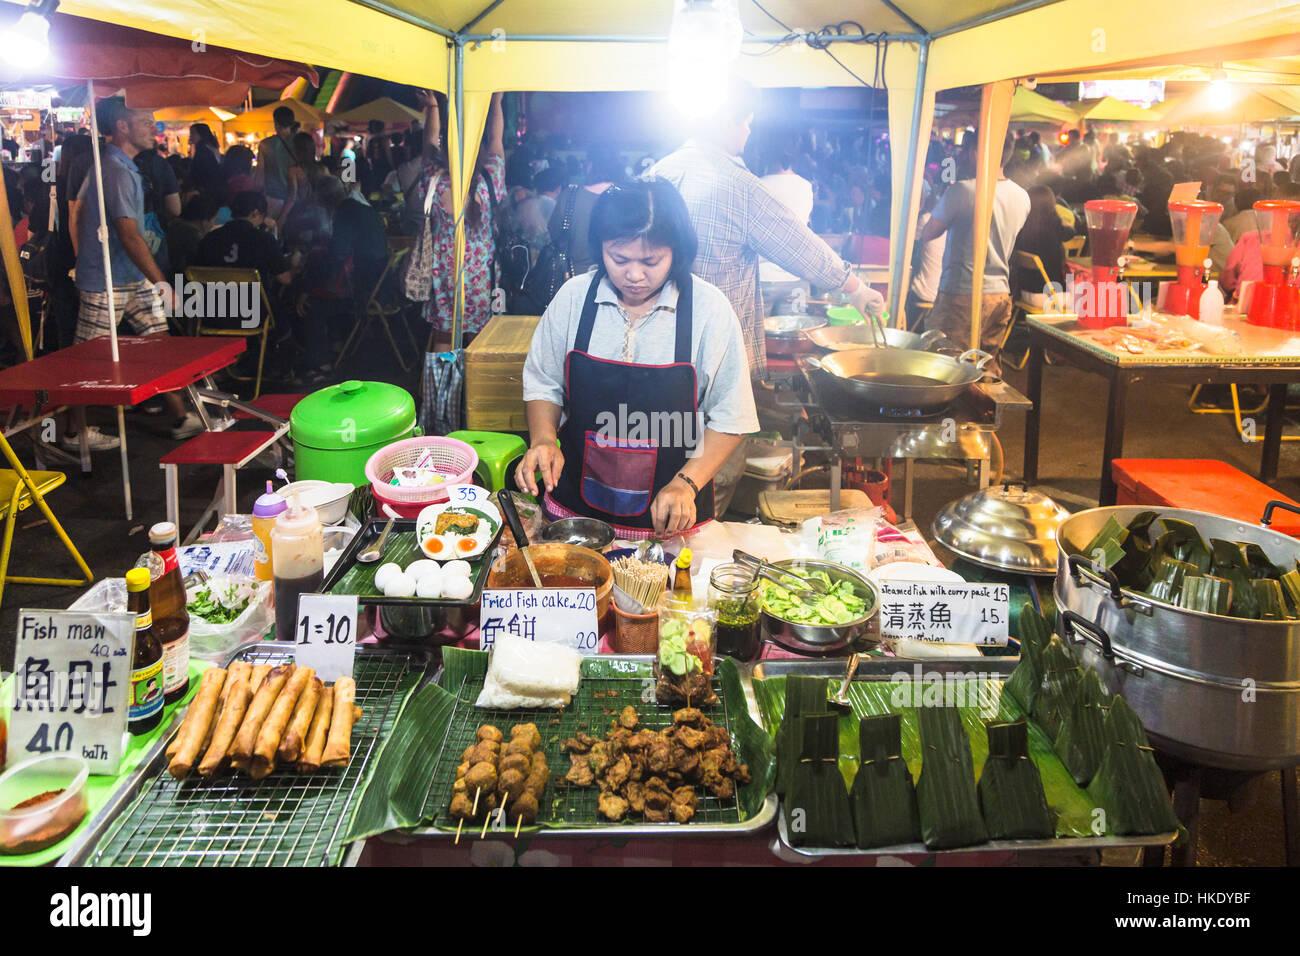 Krabi Thailand December 20 2015 A Woman Prepares Fresh